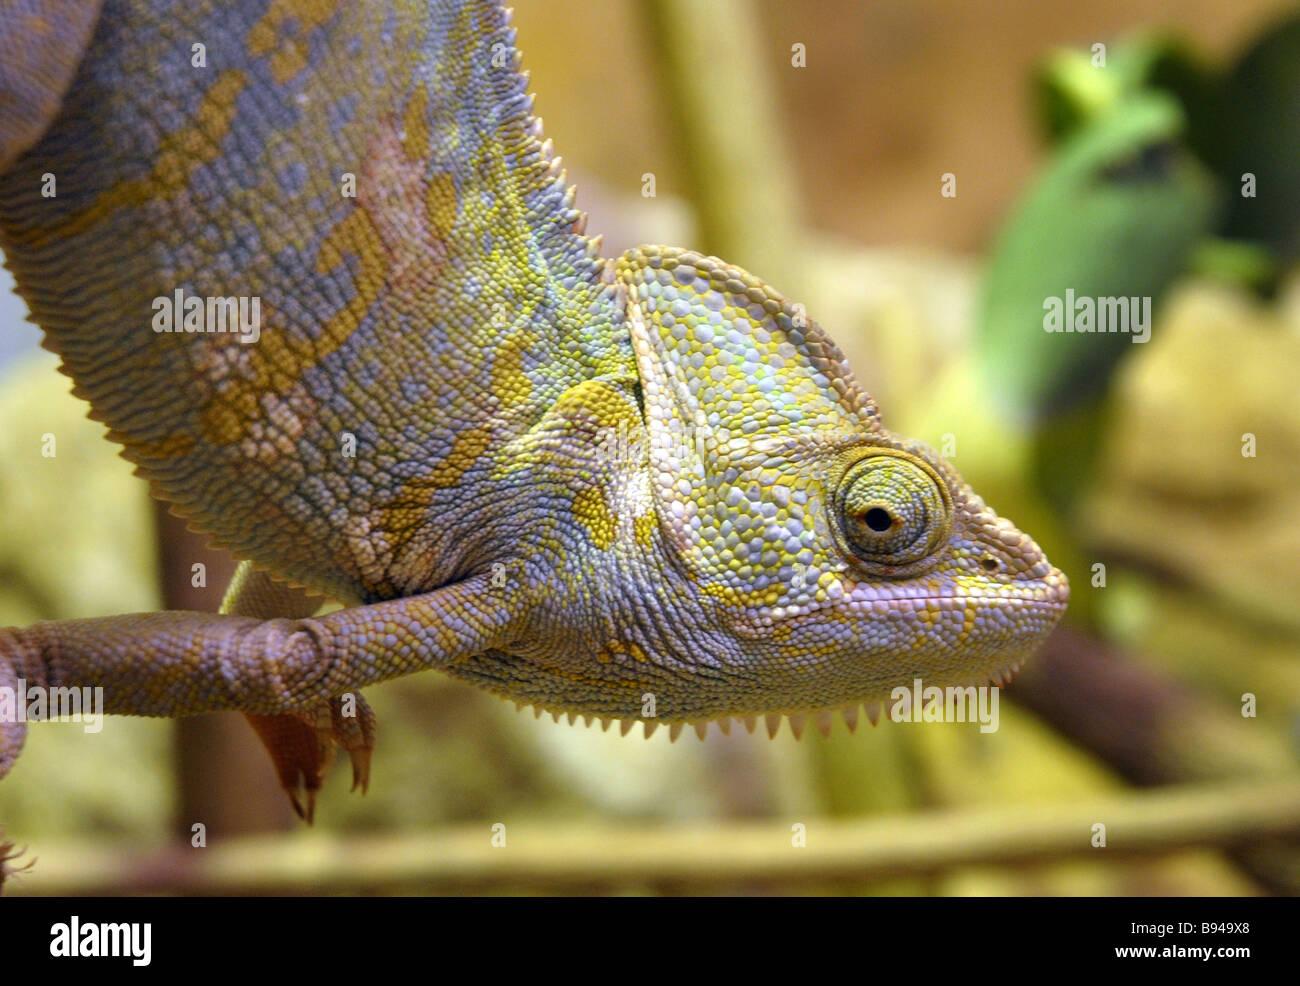 Lagarto reptil camaleón cambia de color Imagen De Stock